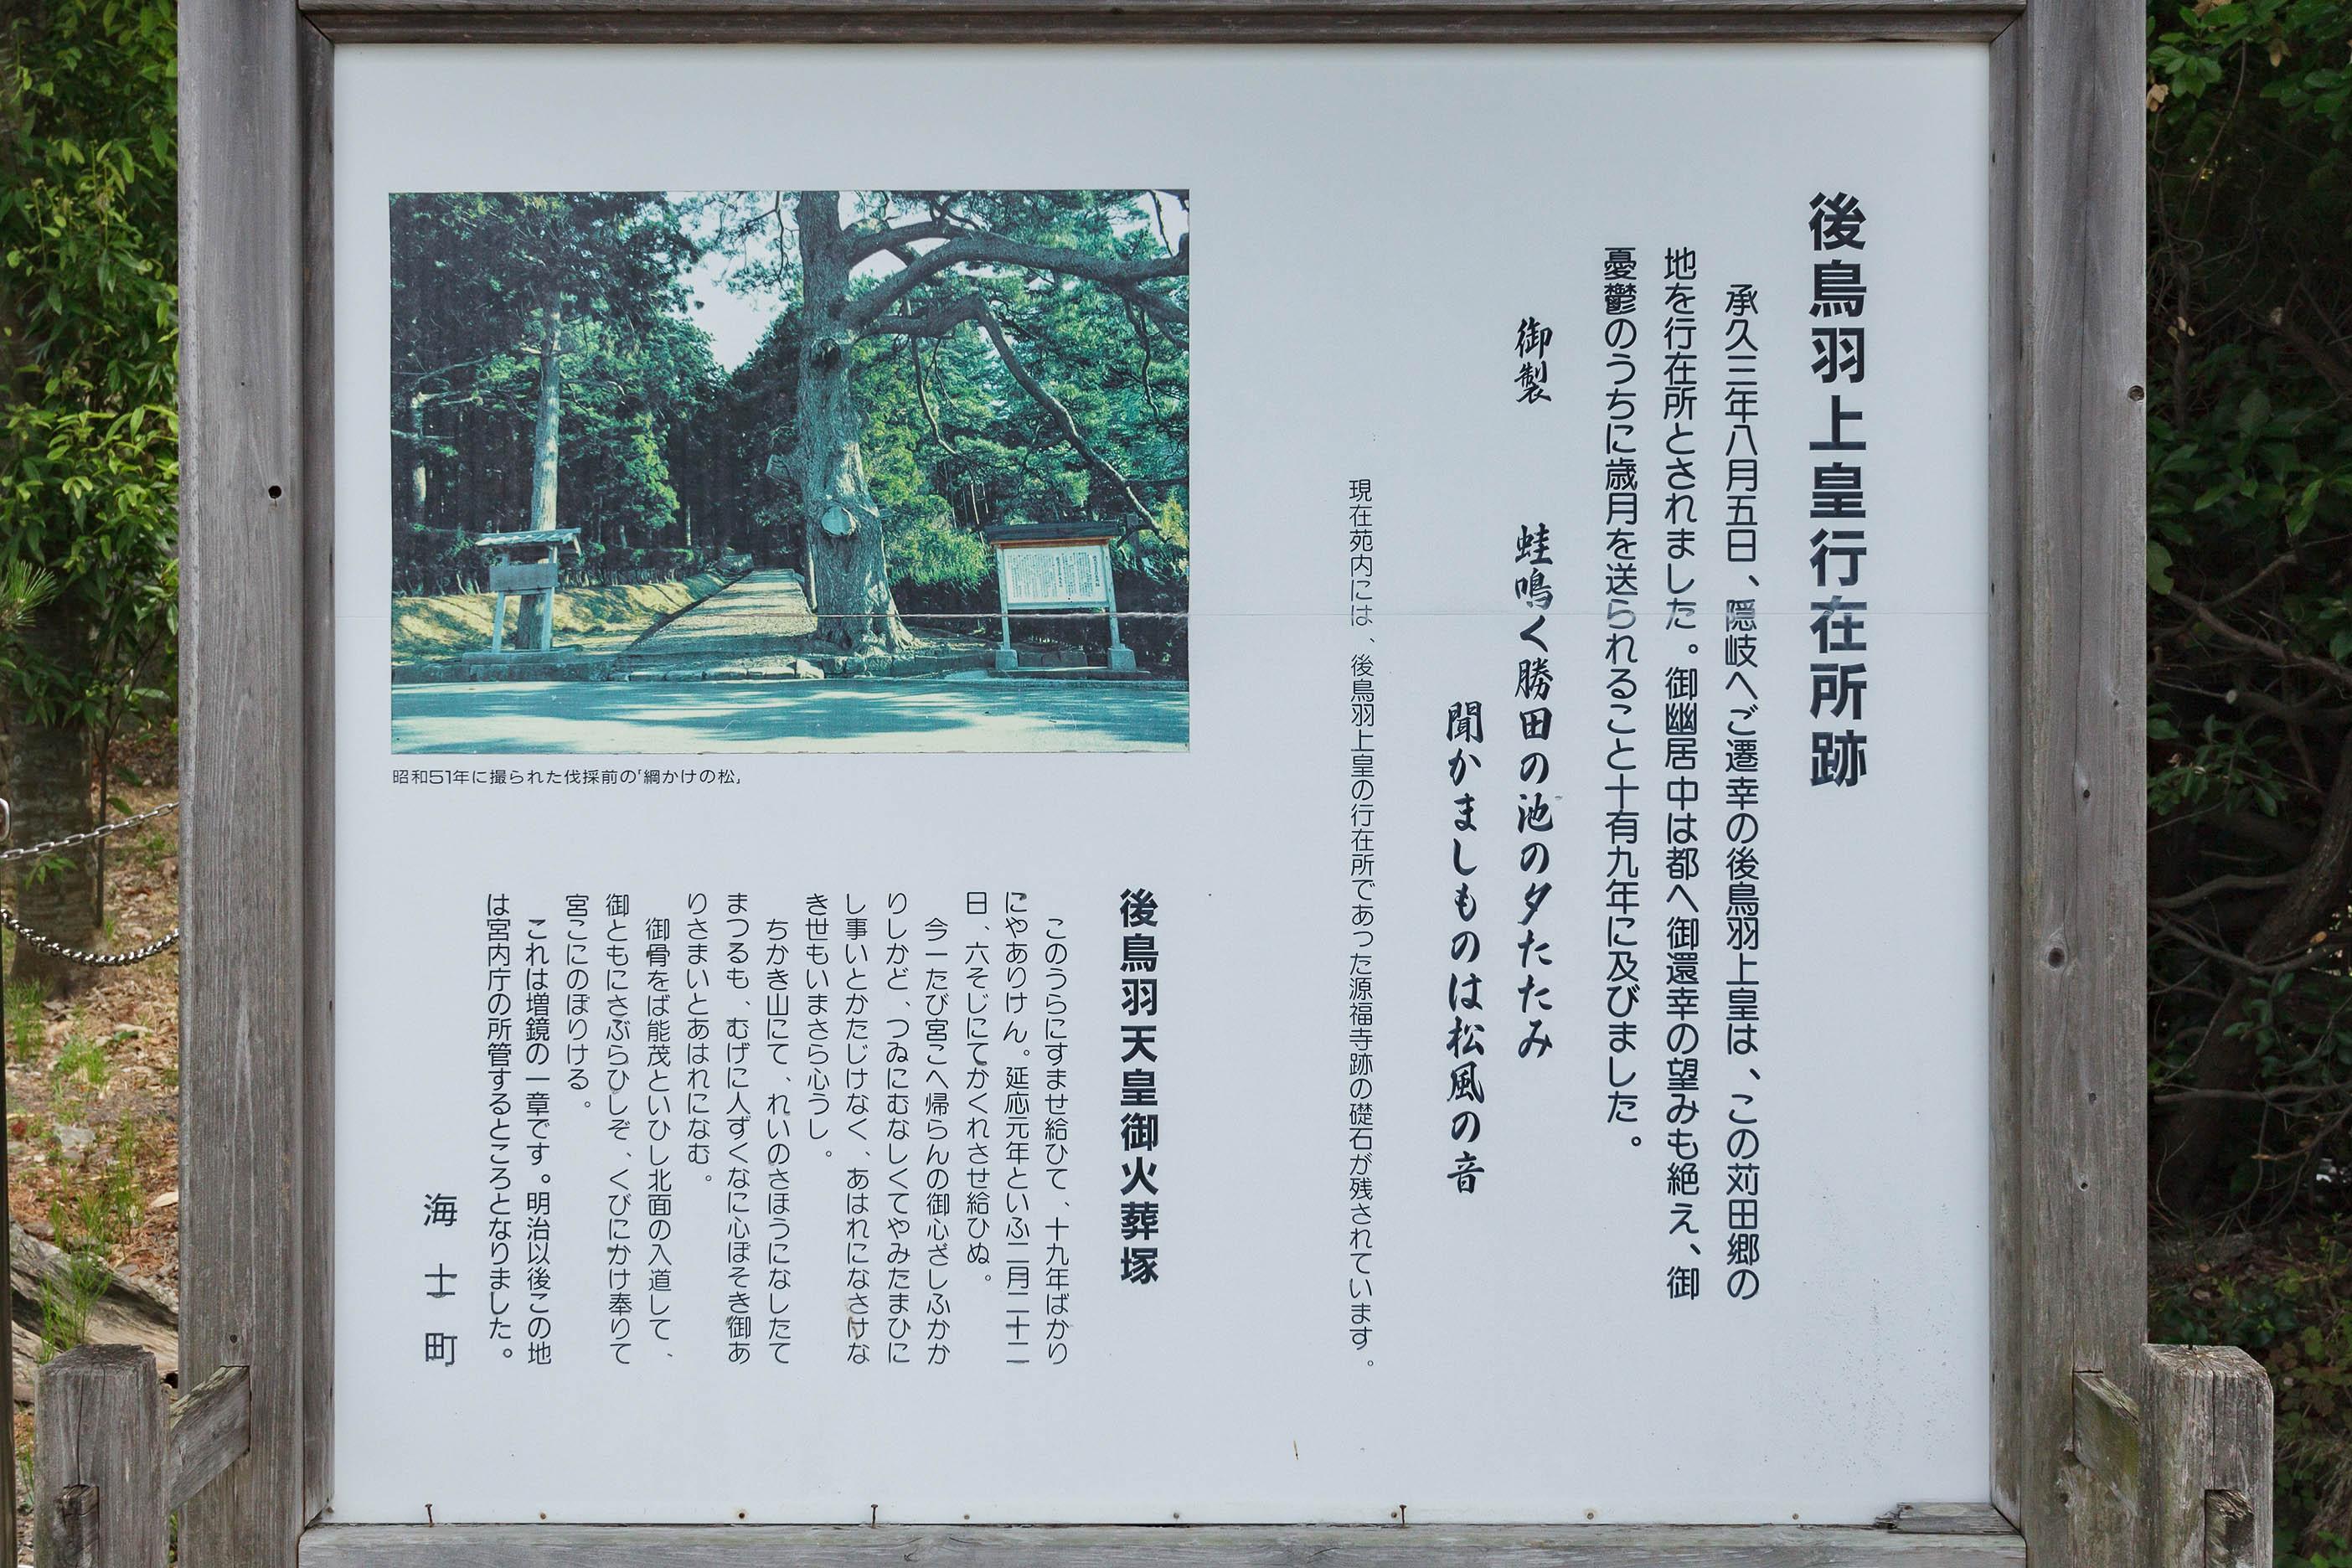 後鳥羽天皇火葬塚 | 新陵墓探訪記